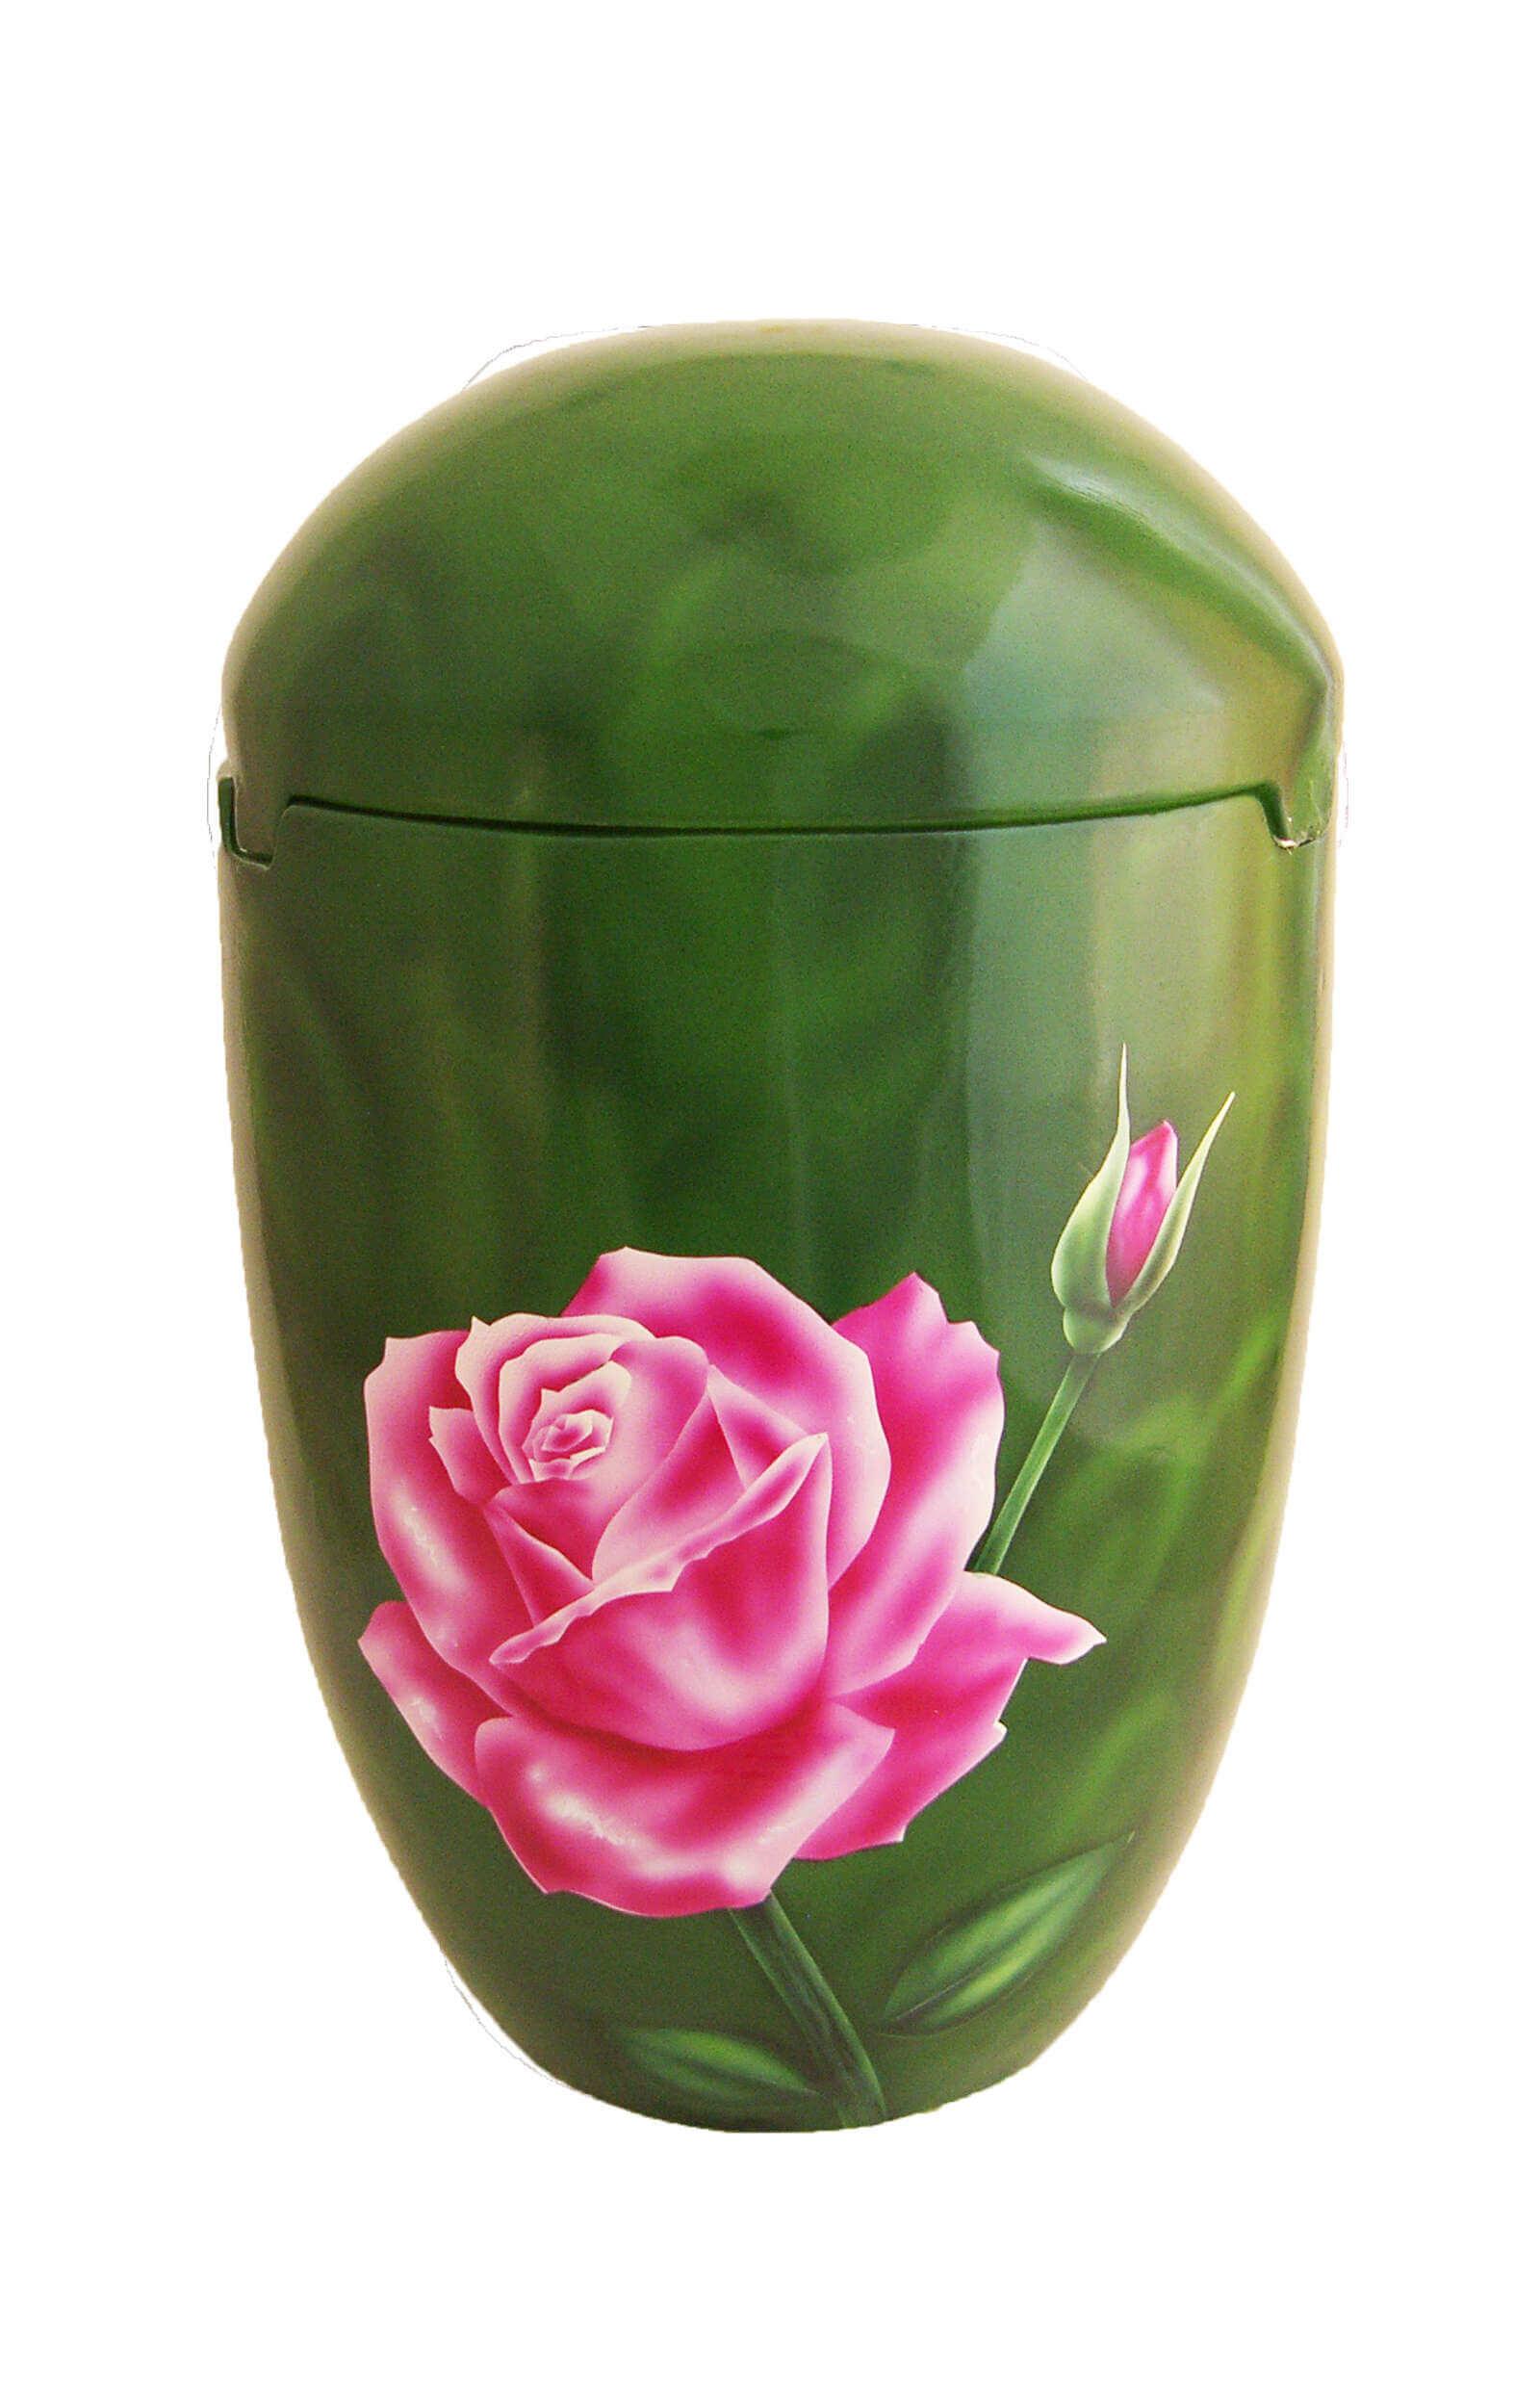 en SGR7023 sea urn rose pink funeral urns for human ashes biodigradable on sale